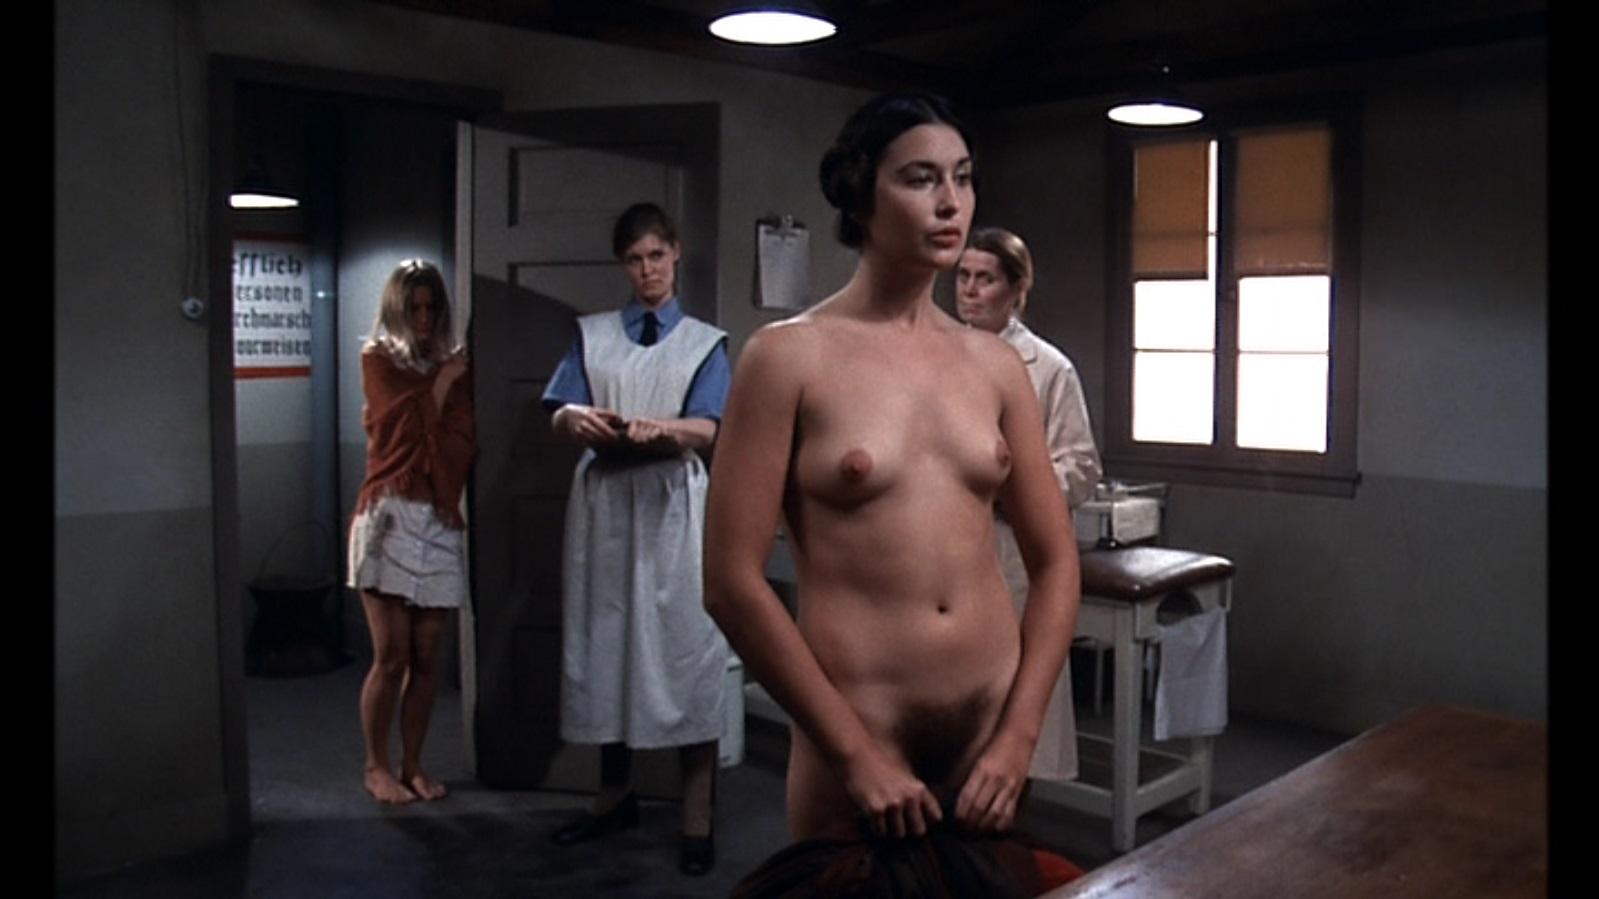 попавшийся голые сцены из худ фильмов обслуживание области